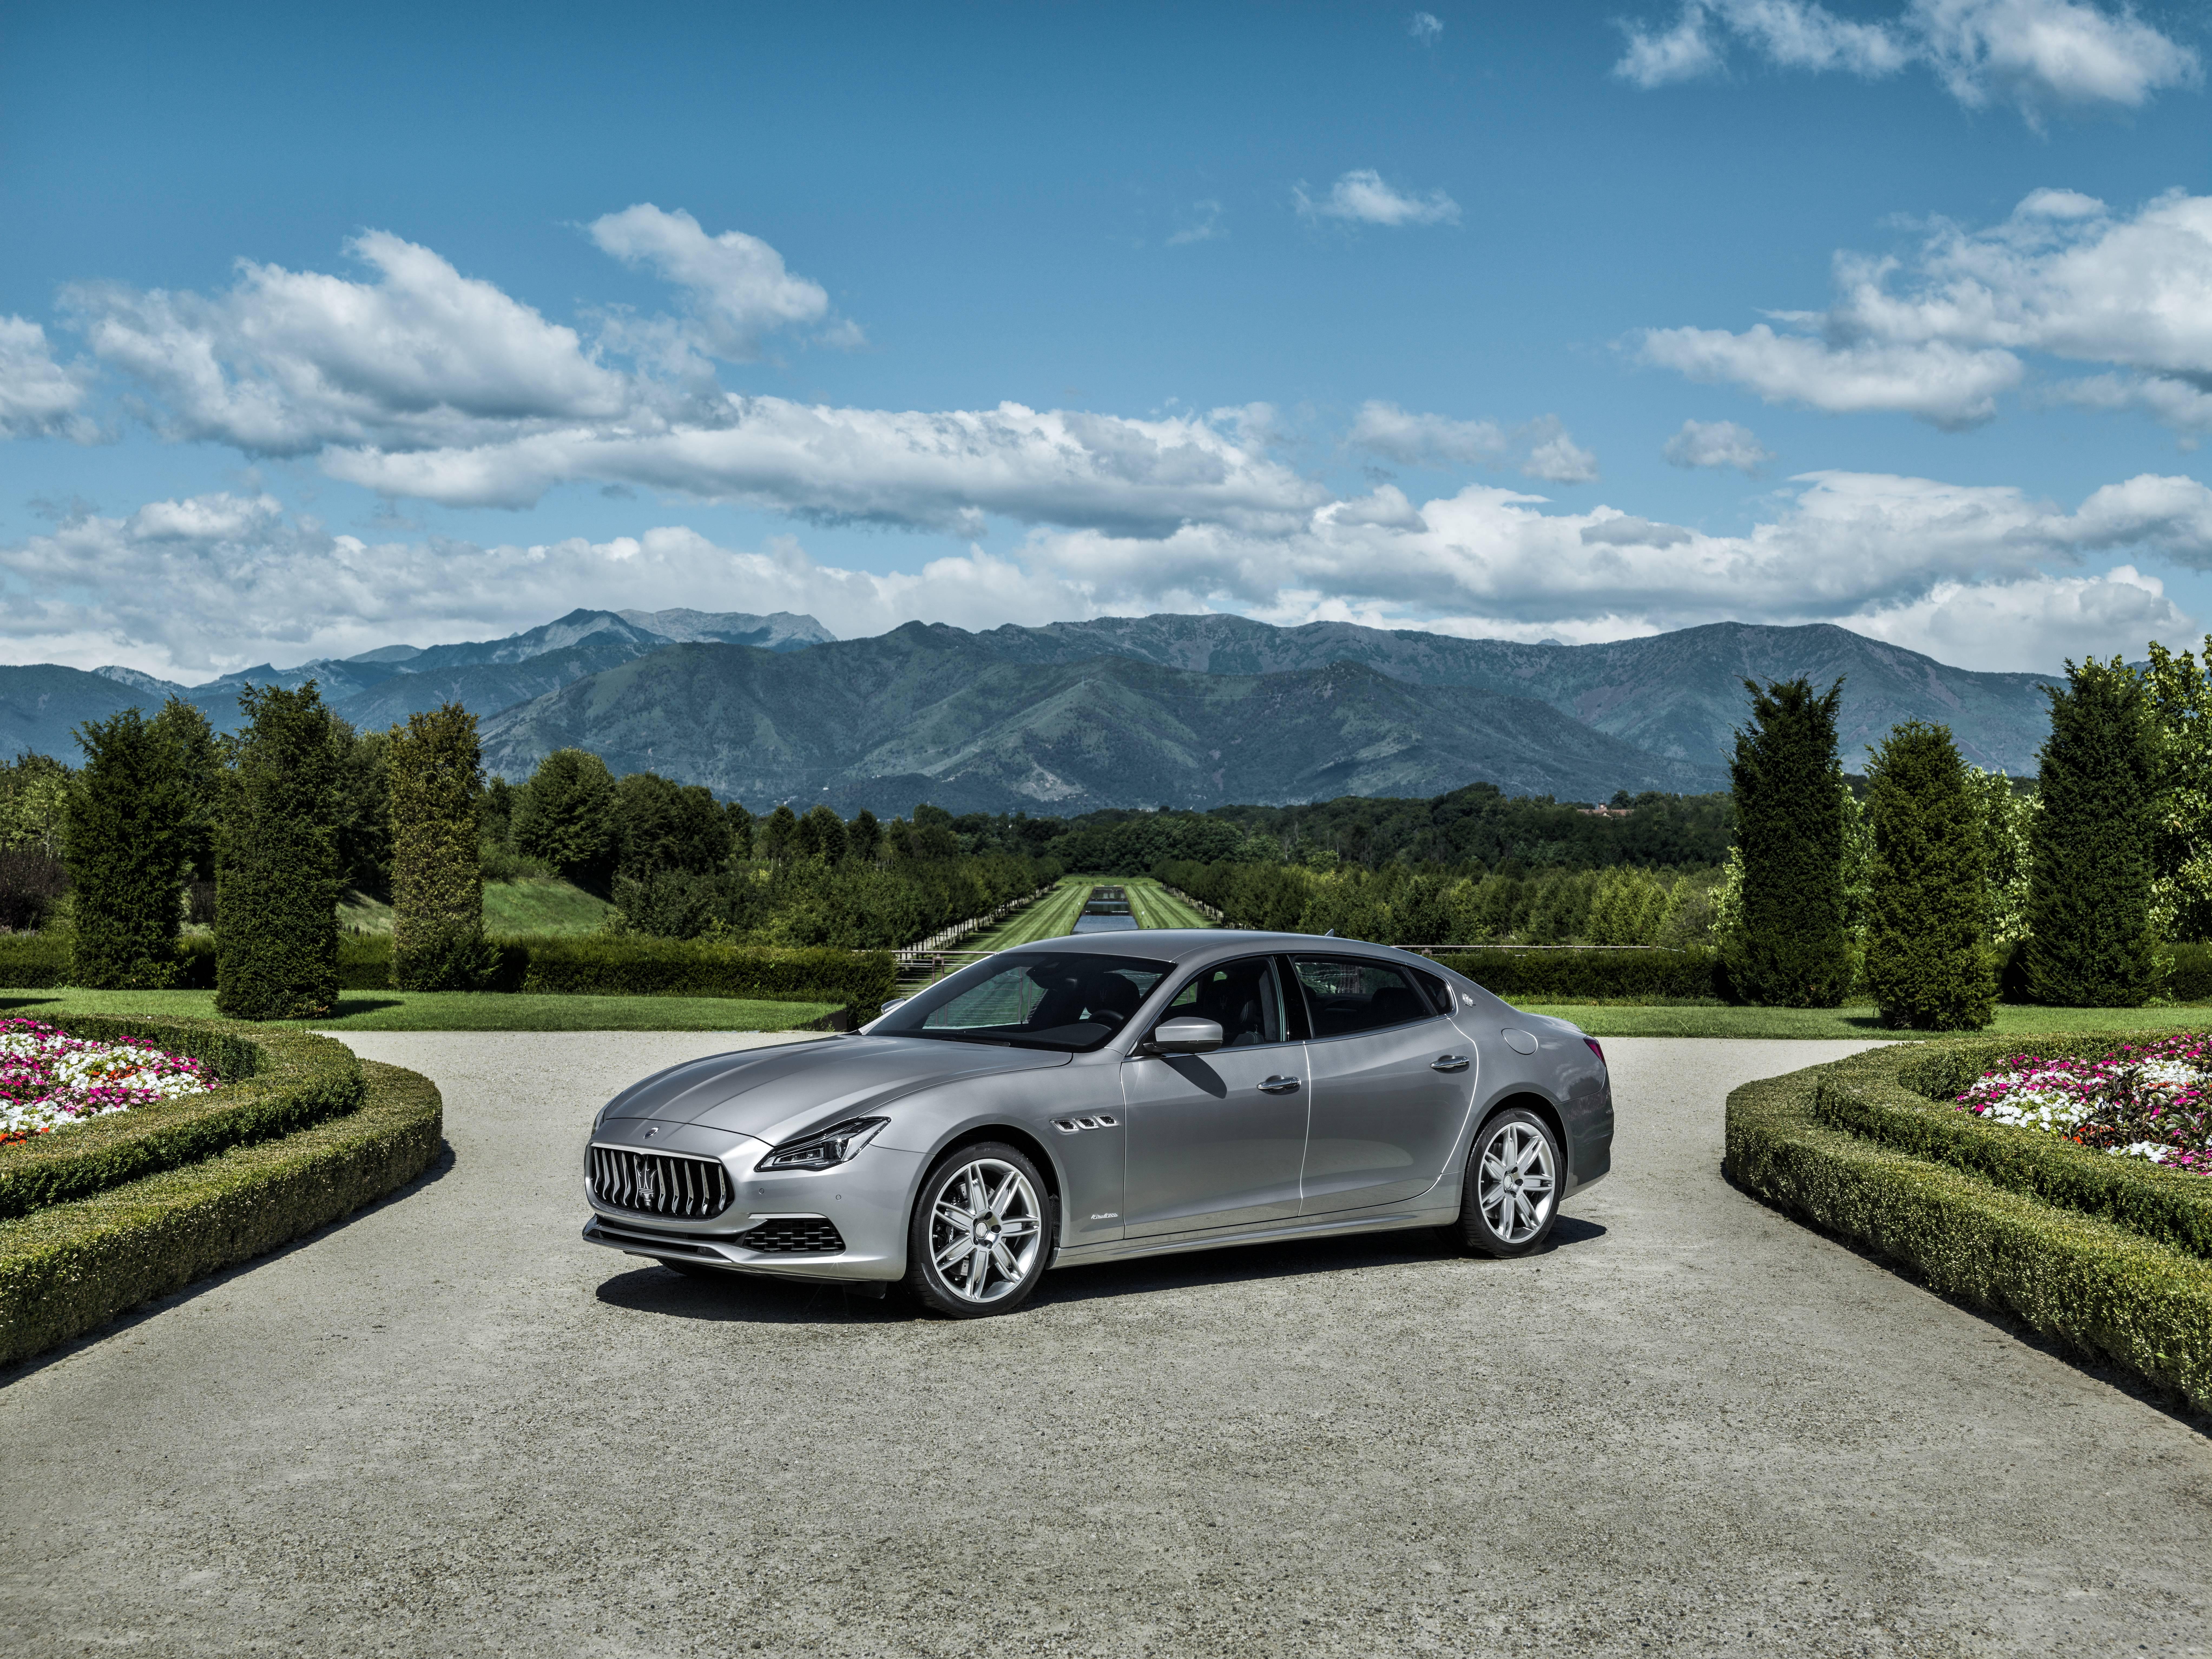 2018 Maserati Quattroporte - Price And Features For Australia